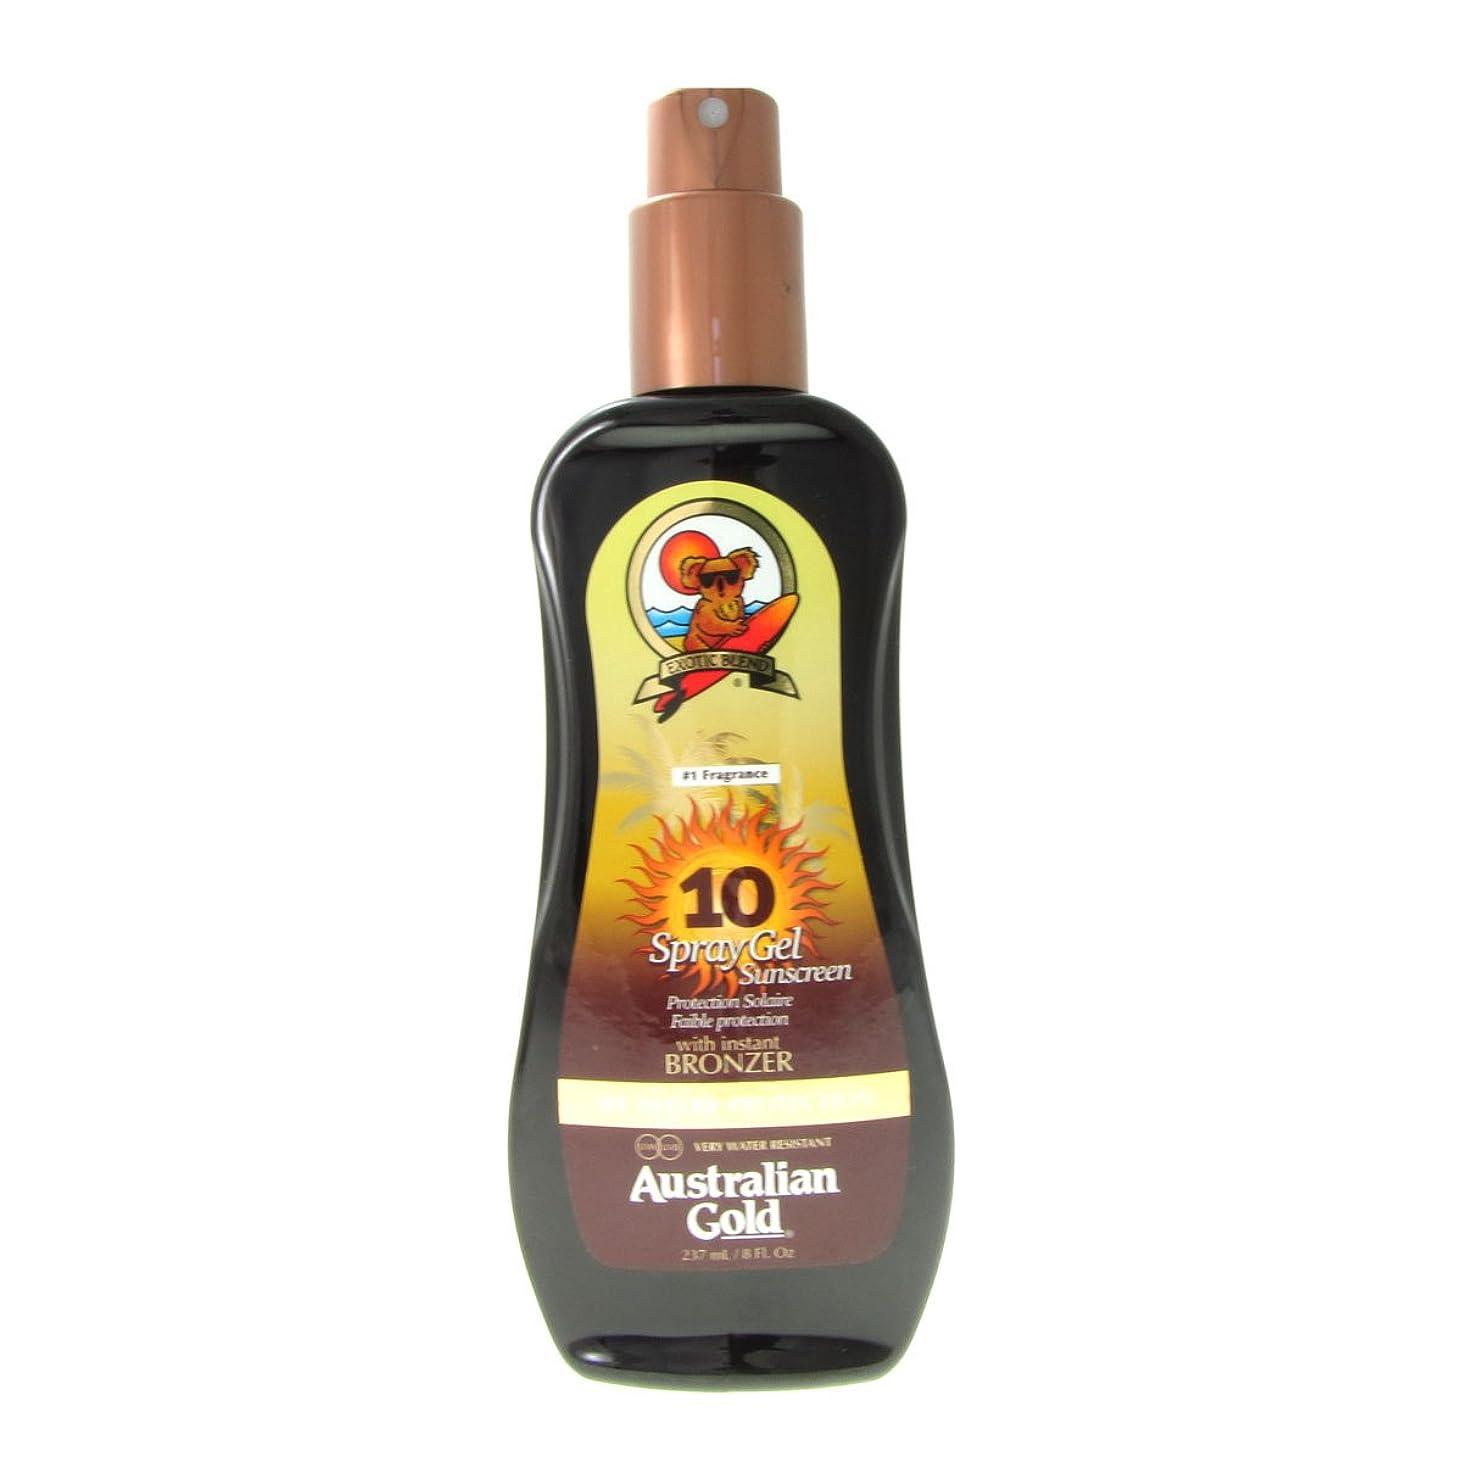 浸食亜熱帯ディレクトリAustralian Gold Spray Gel Spf10 Instant Bronzer 237ml [並行輸入品]